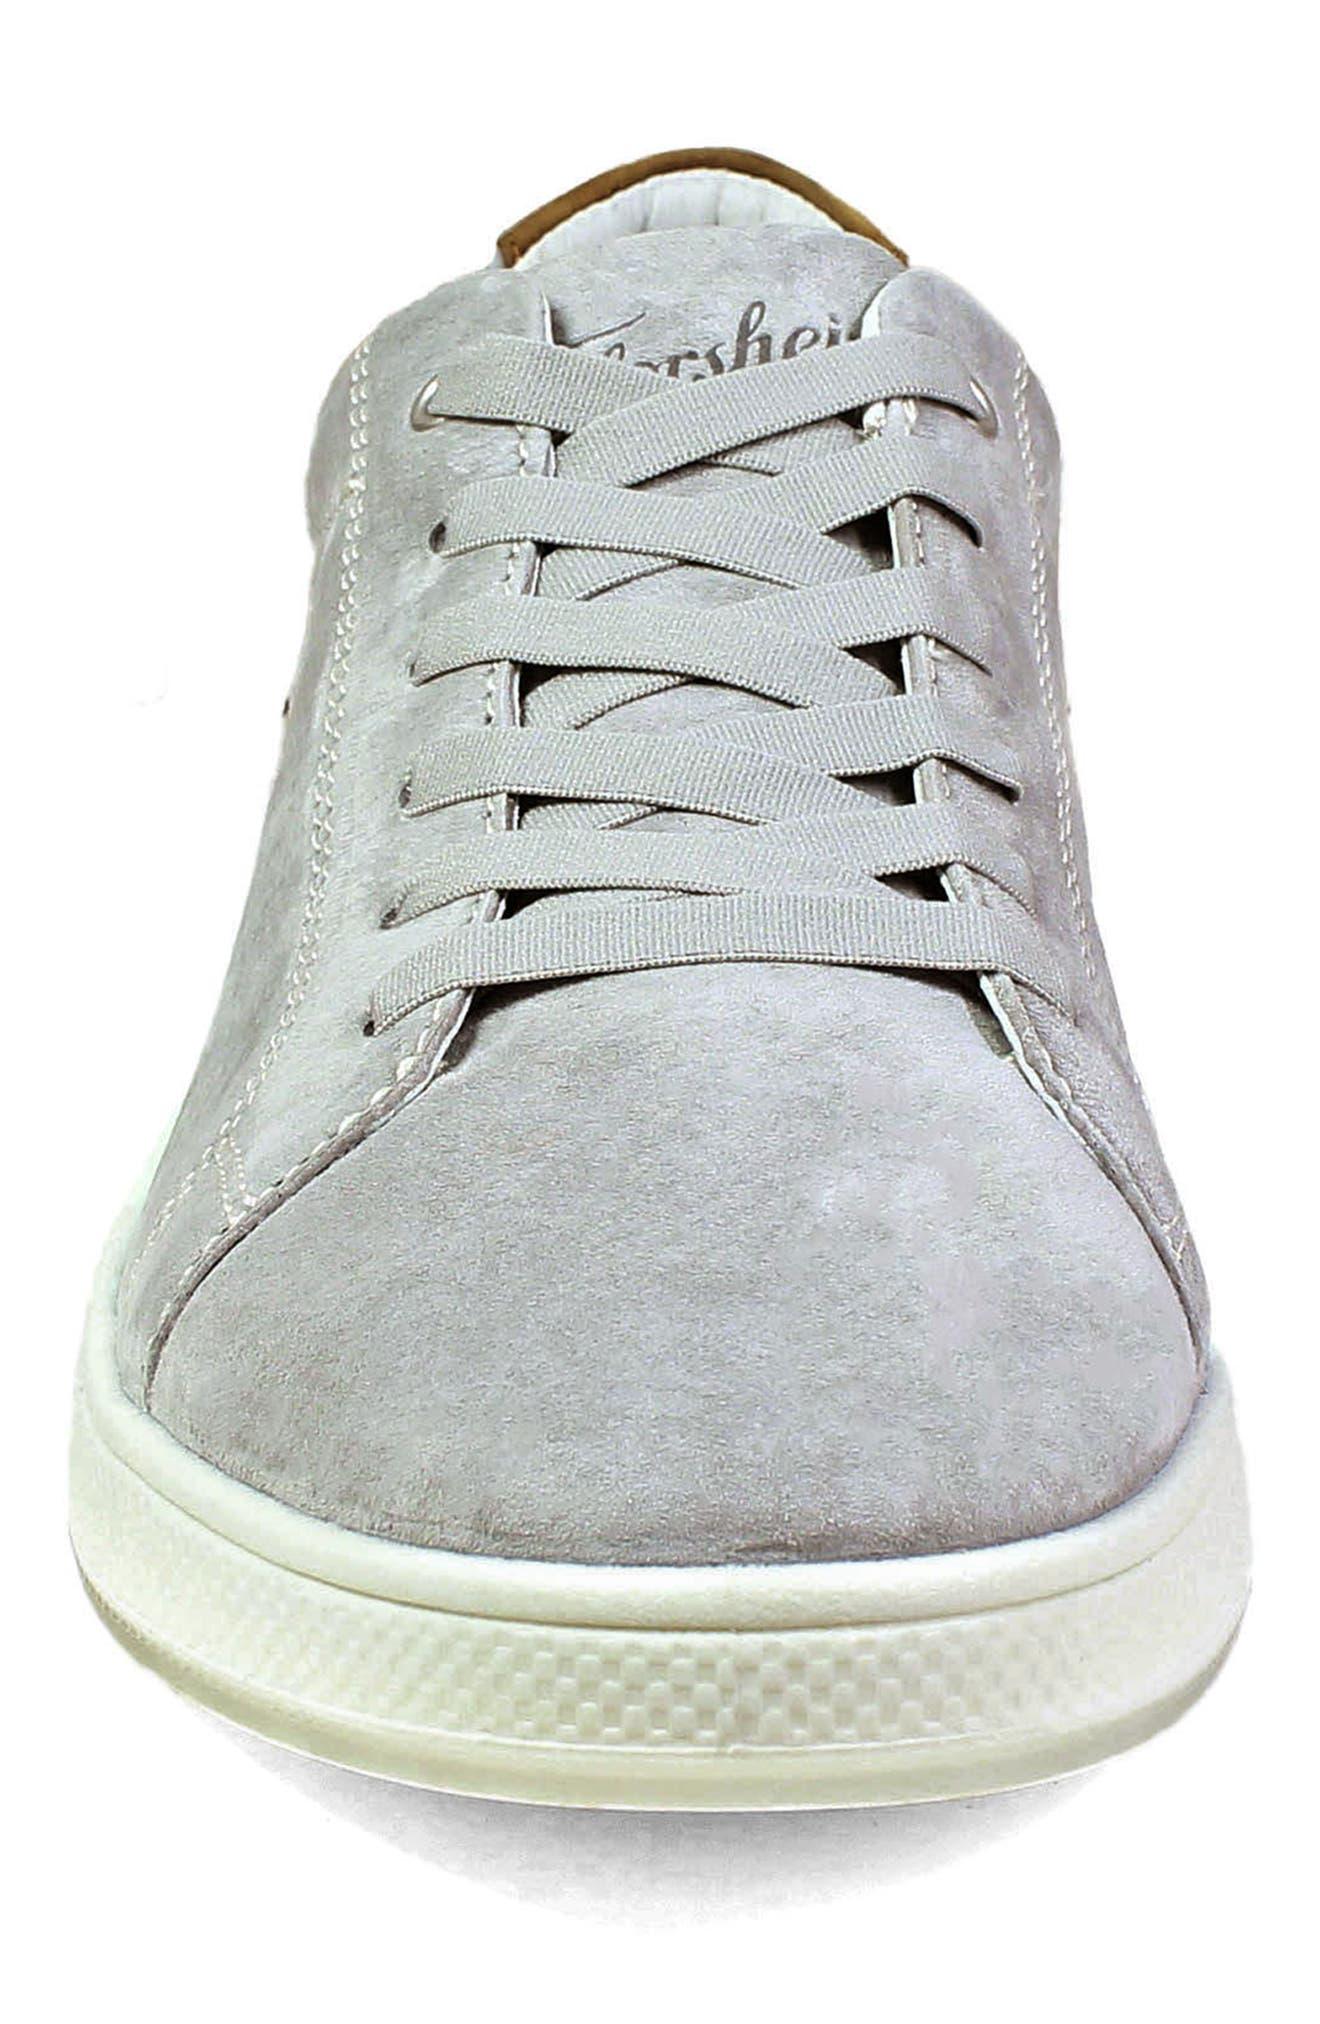 Edge Low Top Sneaker,                             Alternate thumbnail 4, color,                             Gray Nubuck